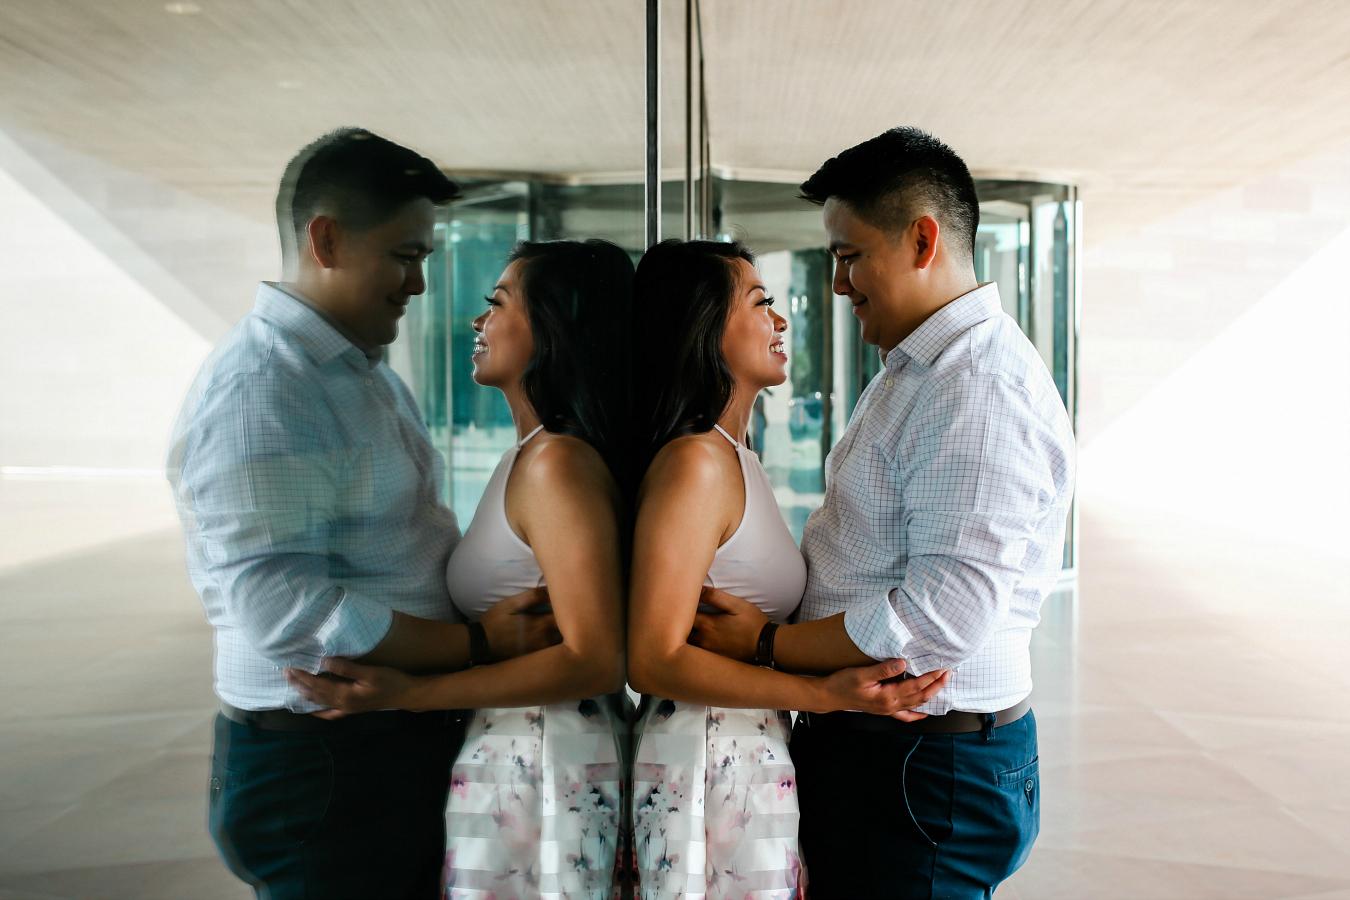 Unique Engagement Photos for Brides & Grooms